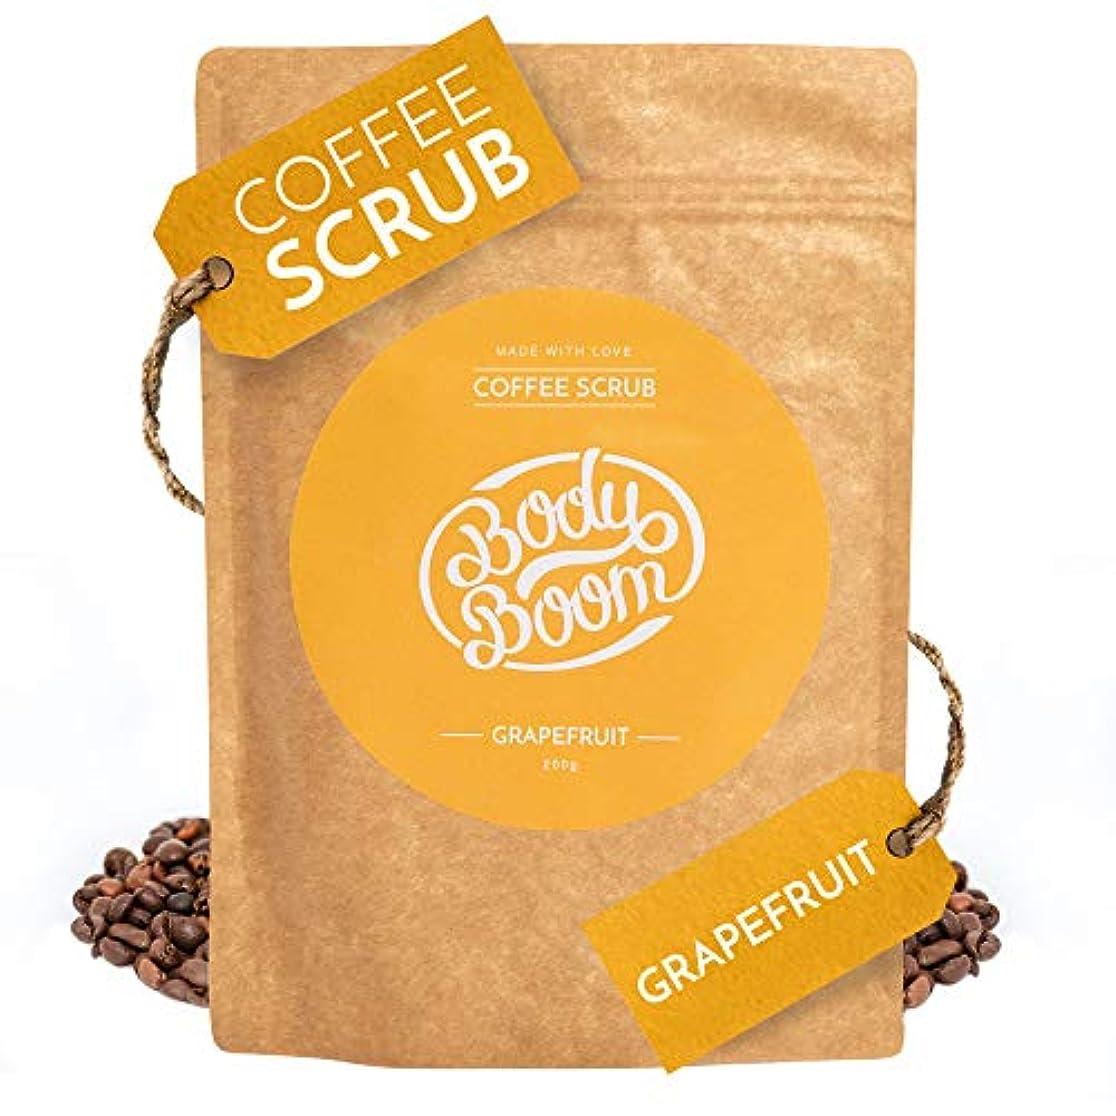 これらコンソール隠すコーヒースクラブ Body Boom ボディブーム グレープフルーツ 200g